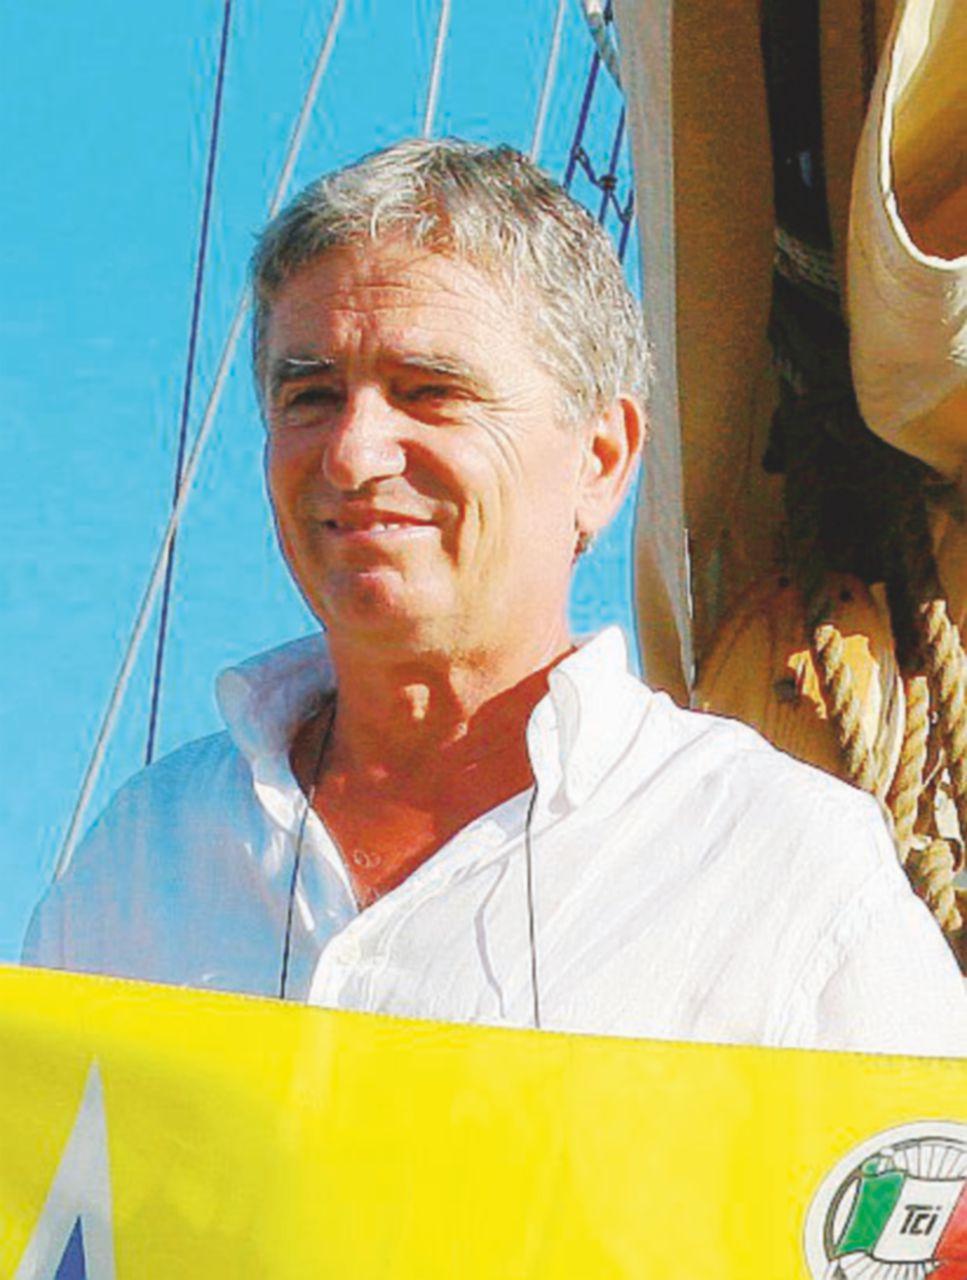 Omicidio Vassallo, indagato un carabiniere per la morte del sindaco di Pollica